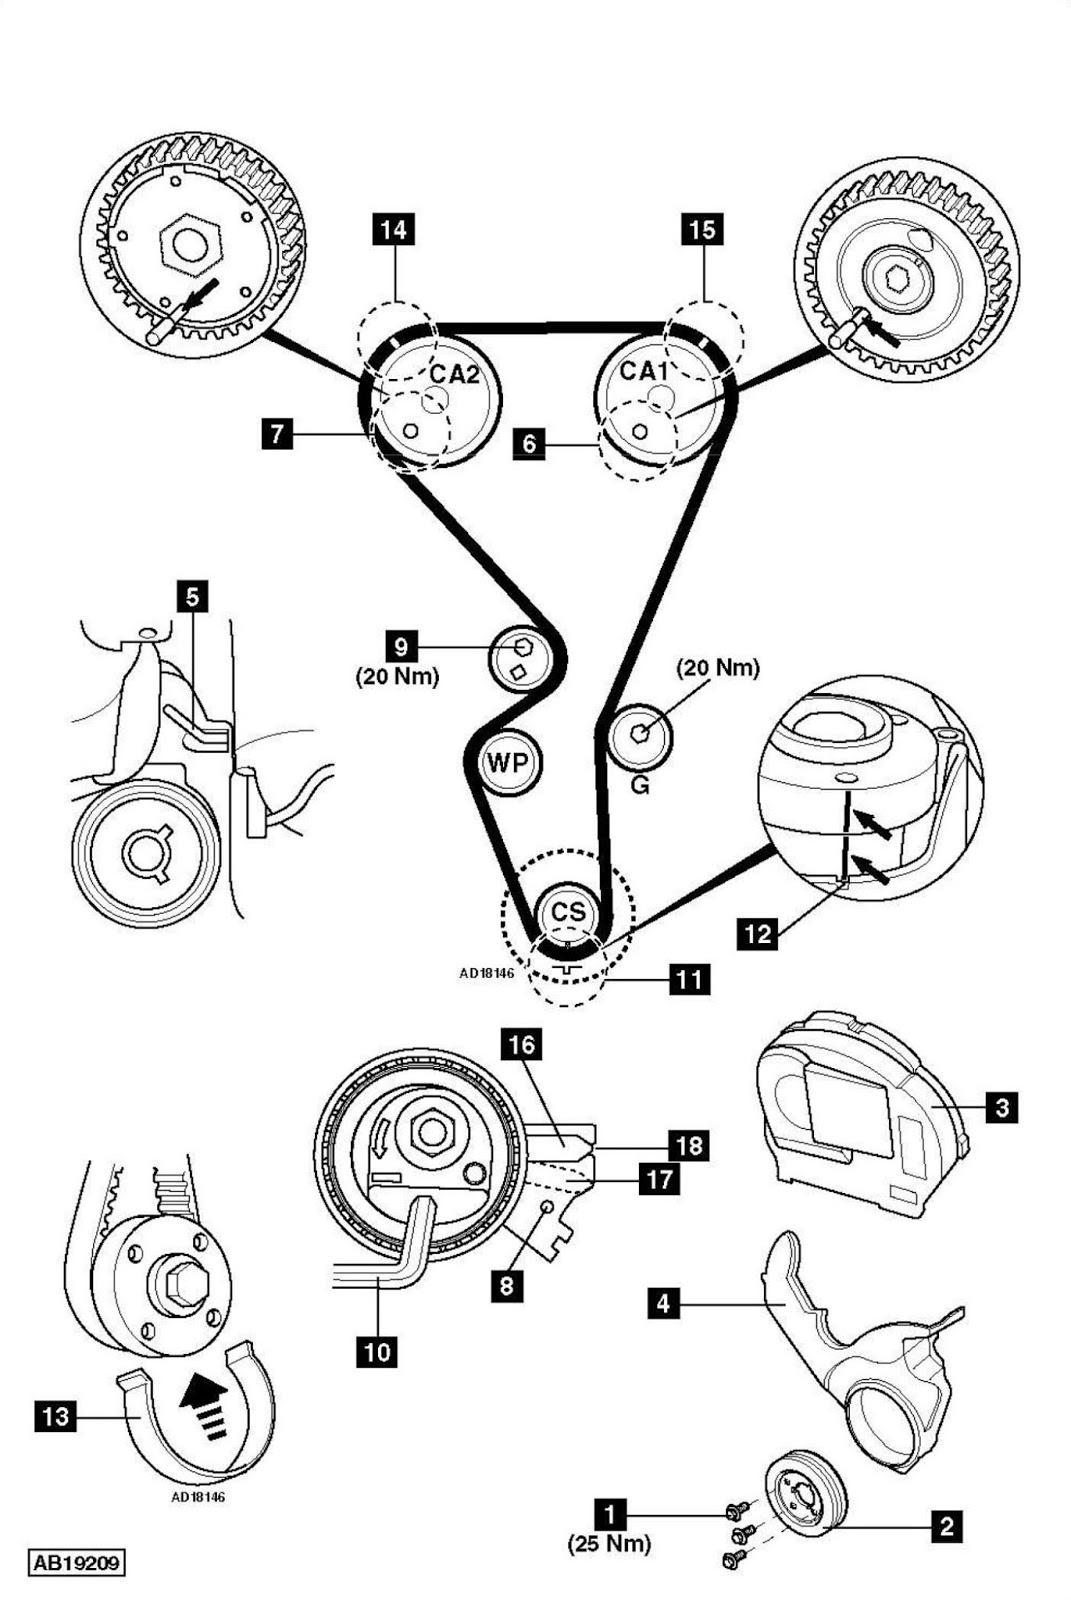 ajuste de motor  marcas de distribuci u00f3n peugeot 207 1 4